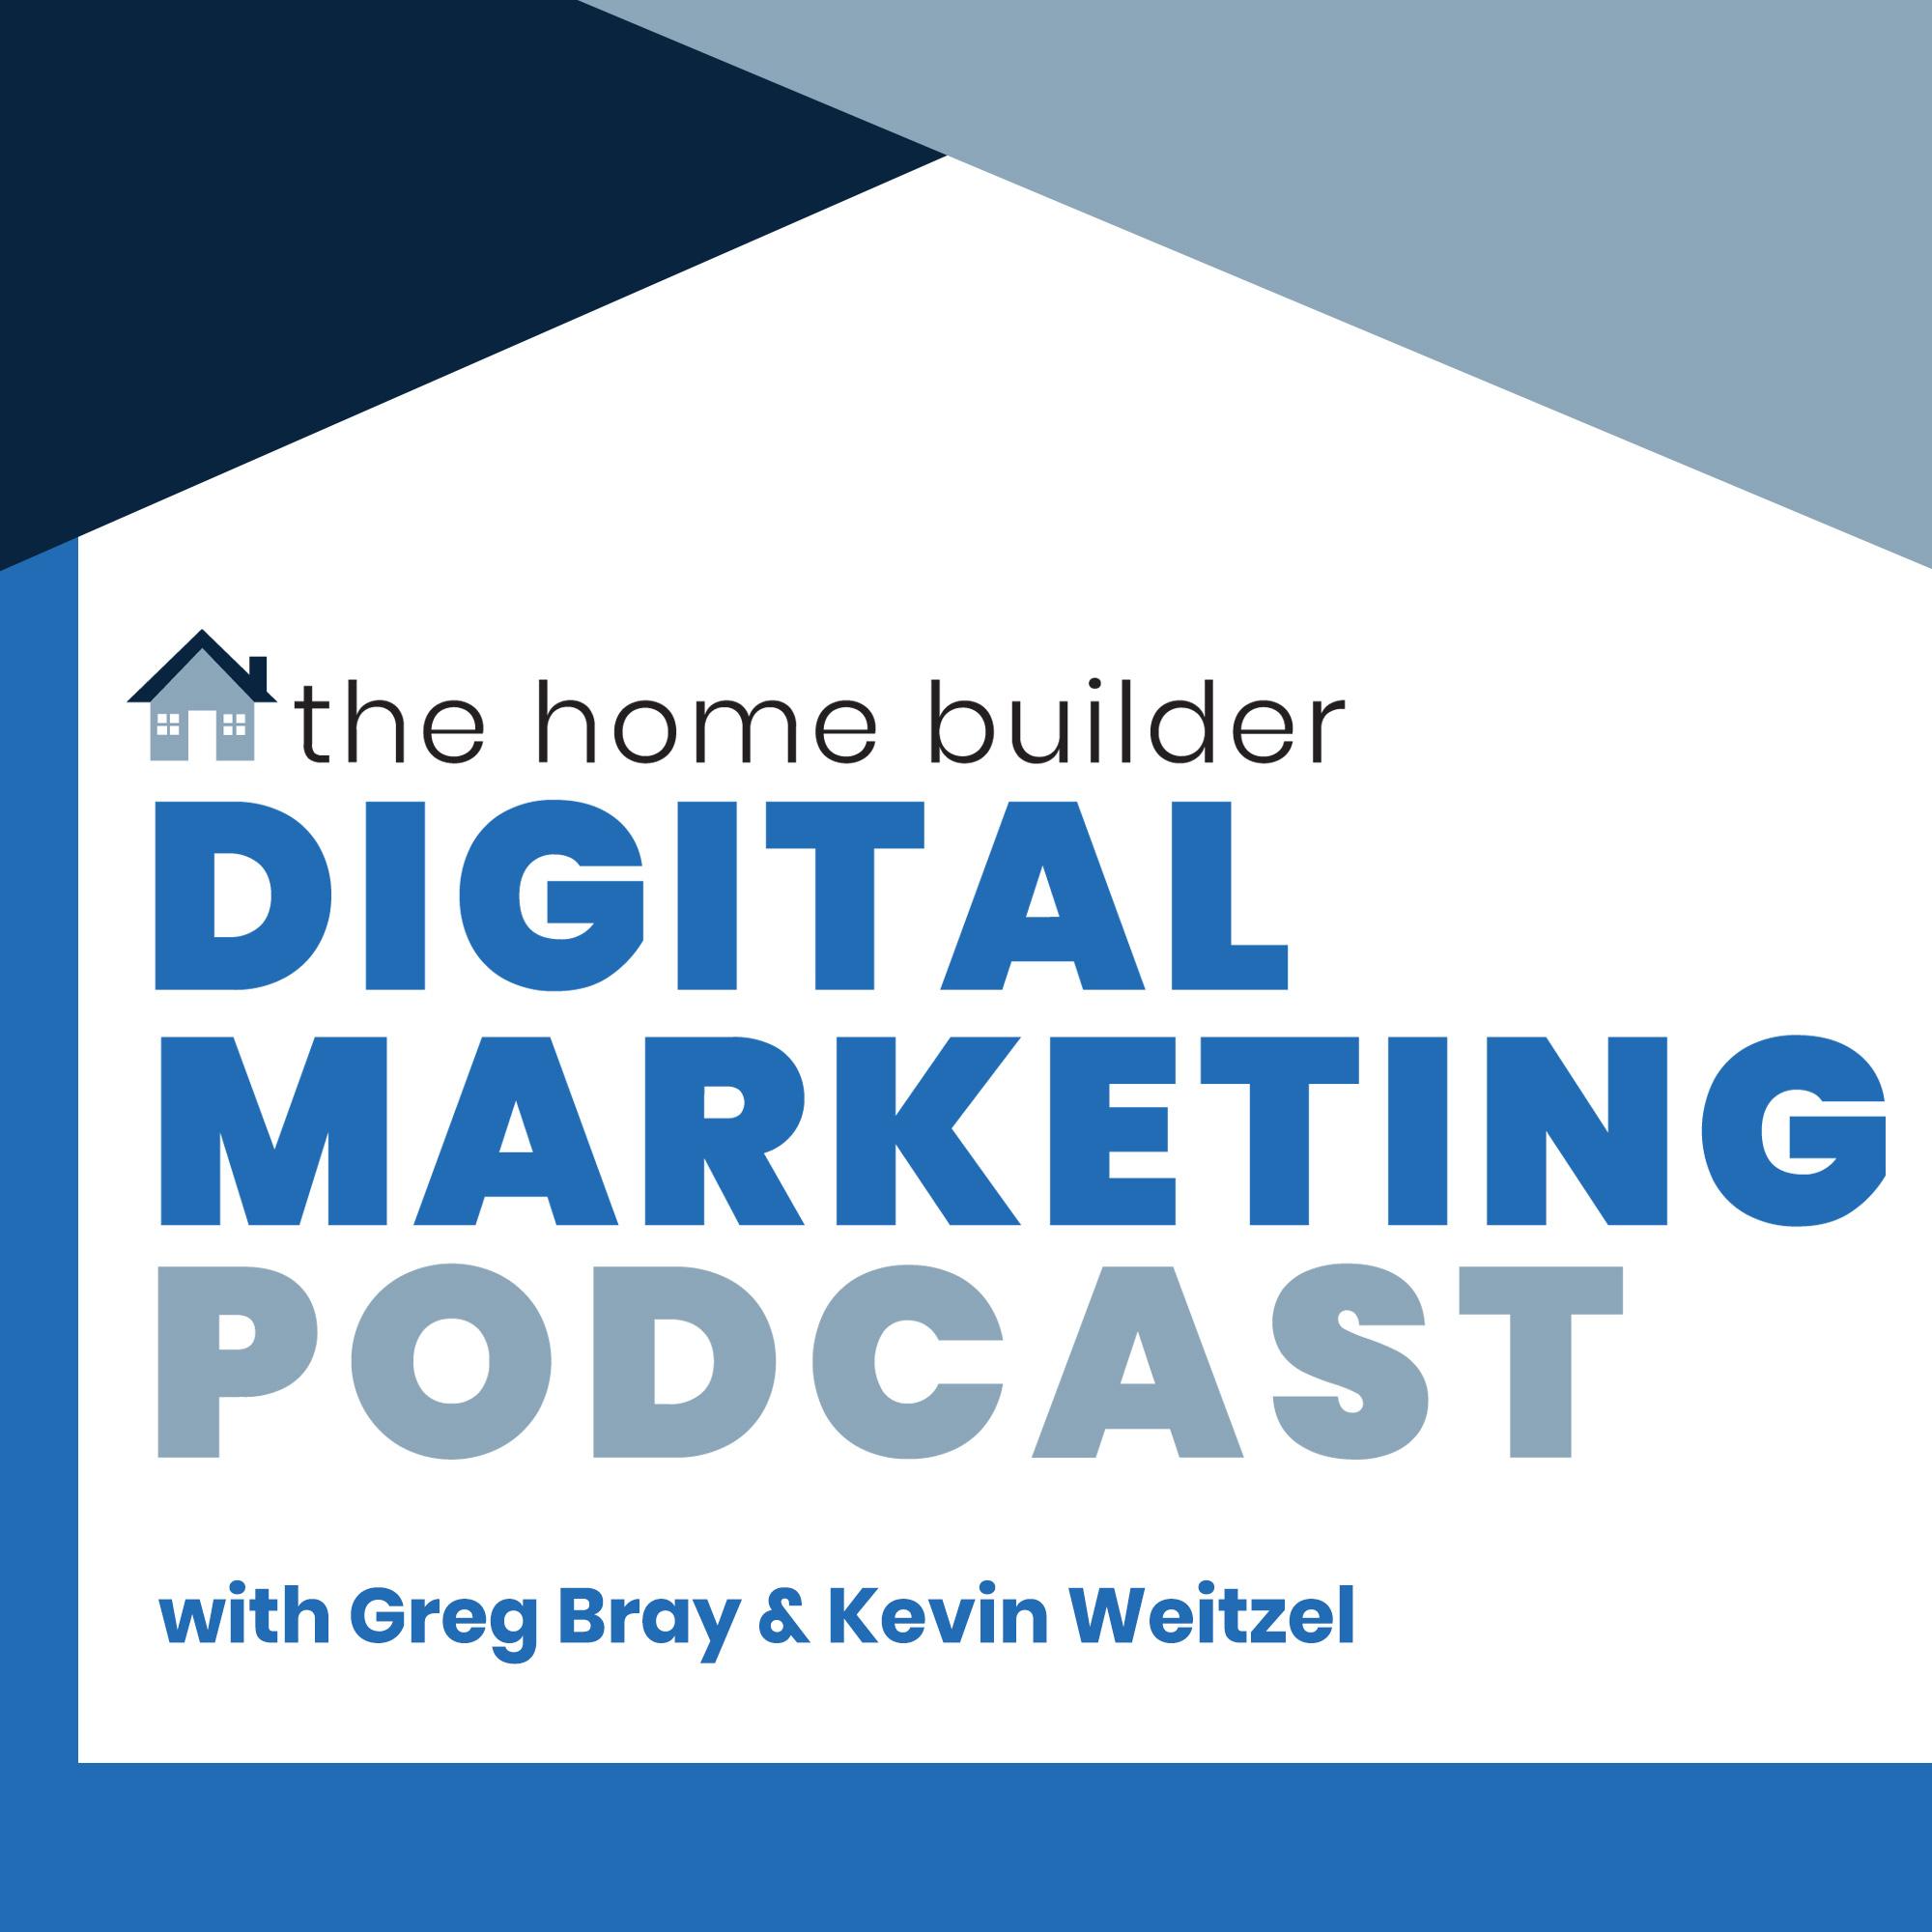 The Home Builder Digital Marketing Podcast show art